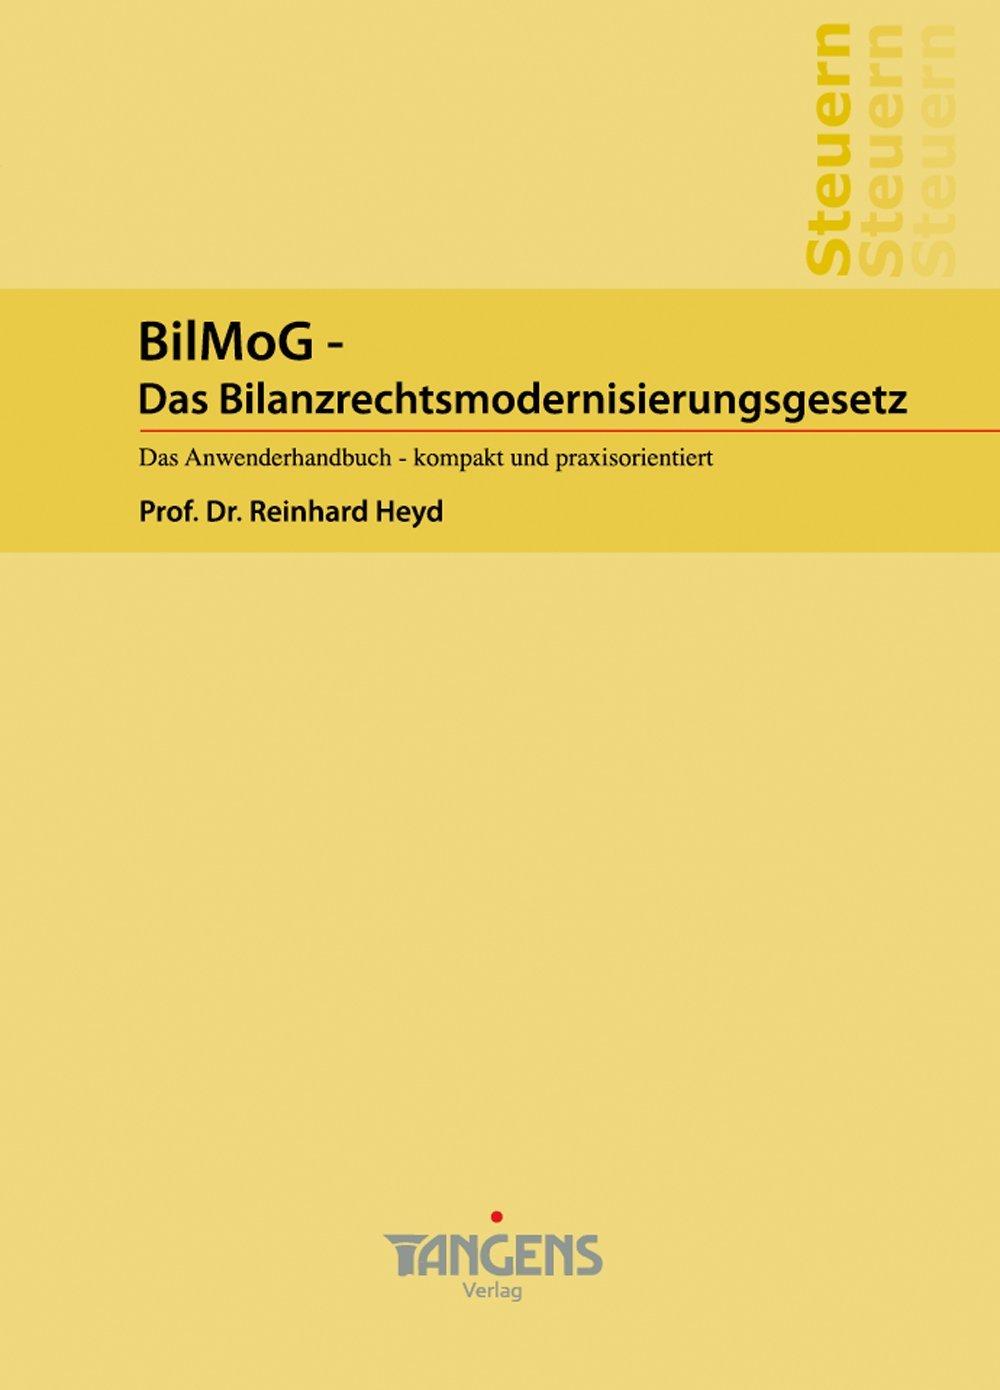 BilMoG - Das Bilanzrechtsmodernisierungsgesetz/Das Anwenderhandbuch - kompakt und praxisorientiert